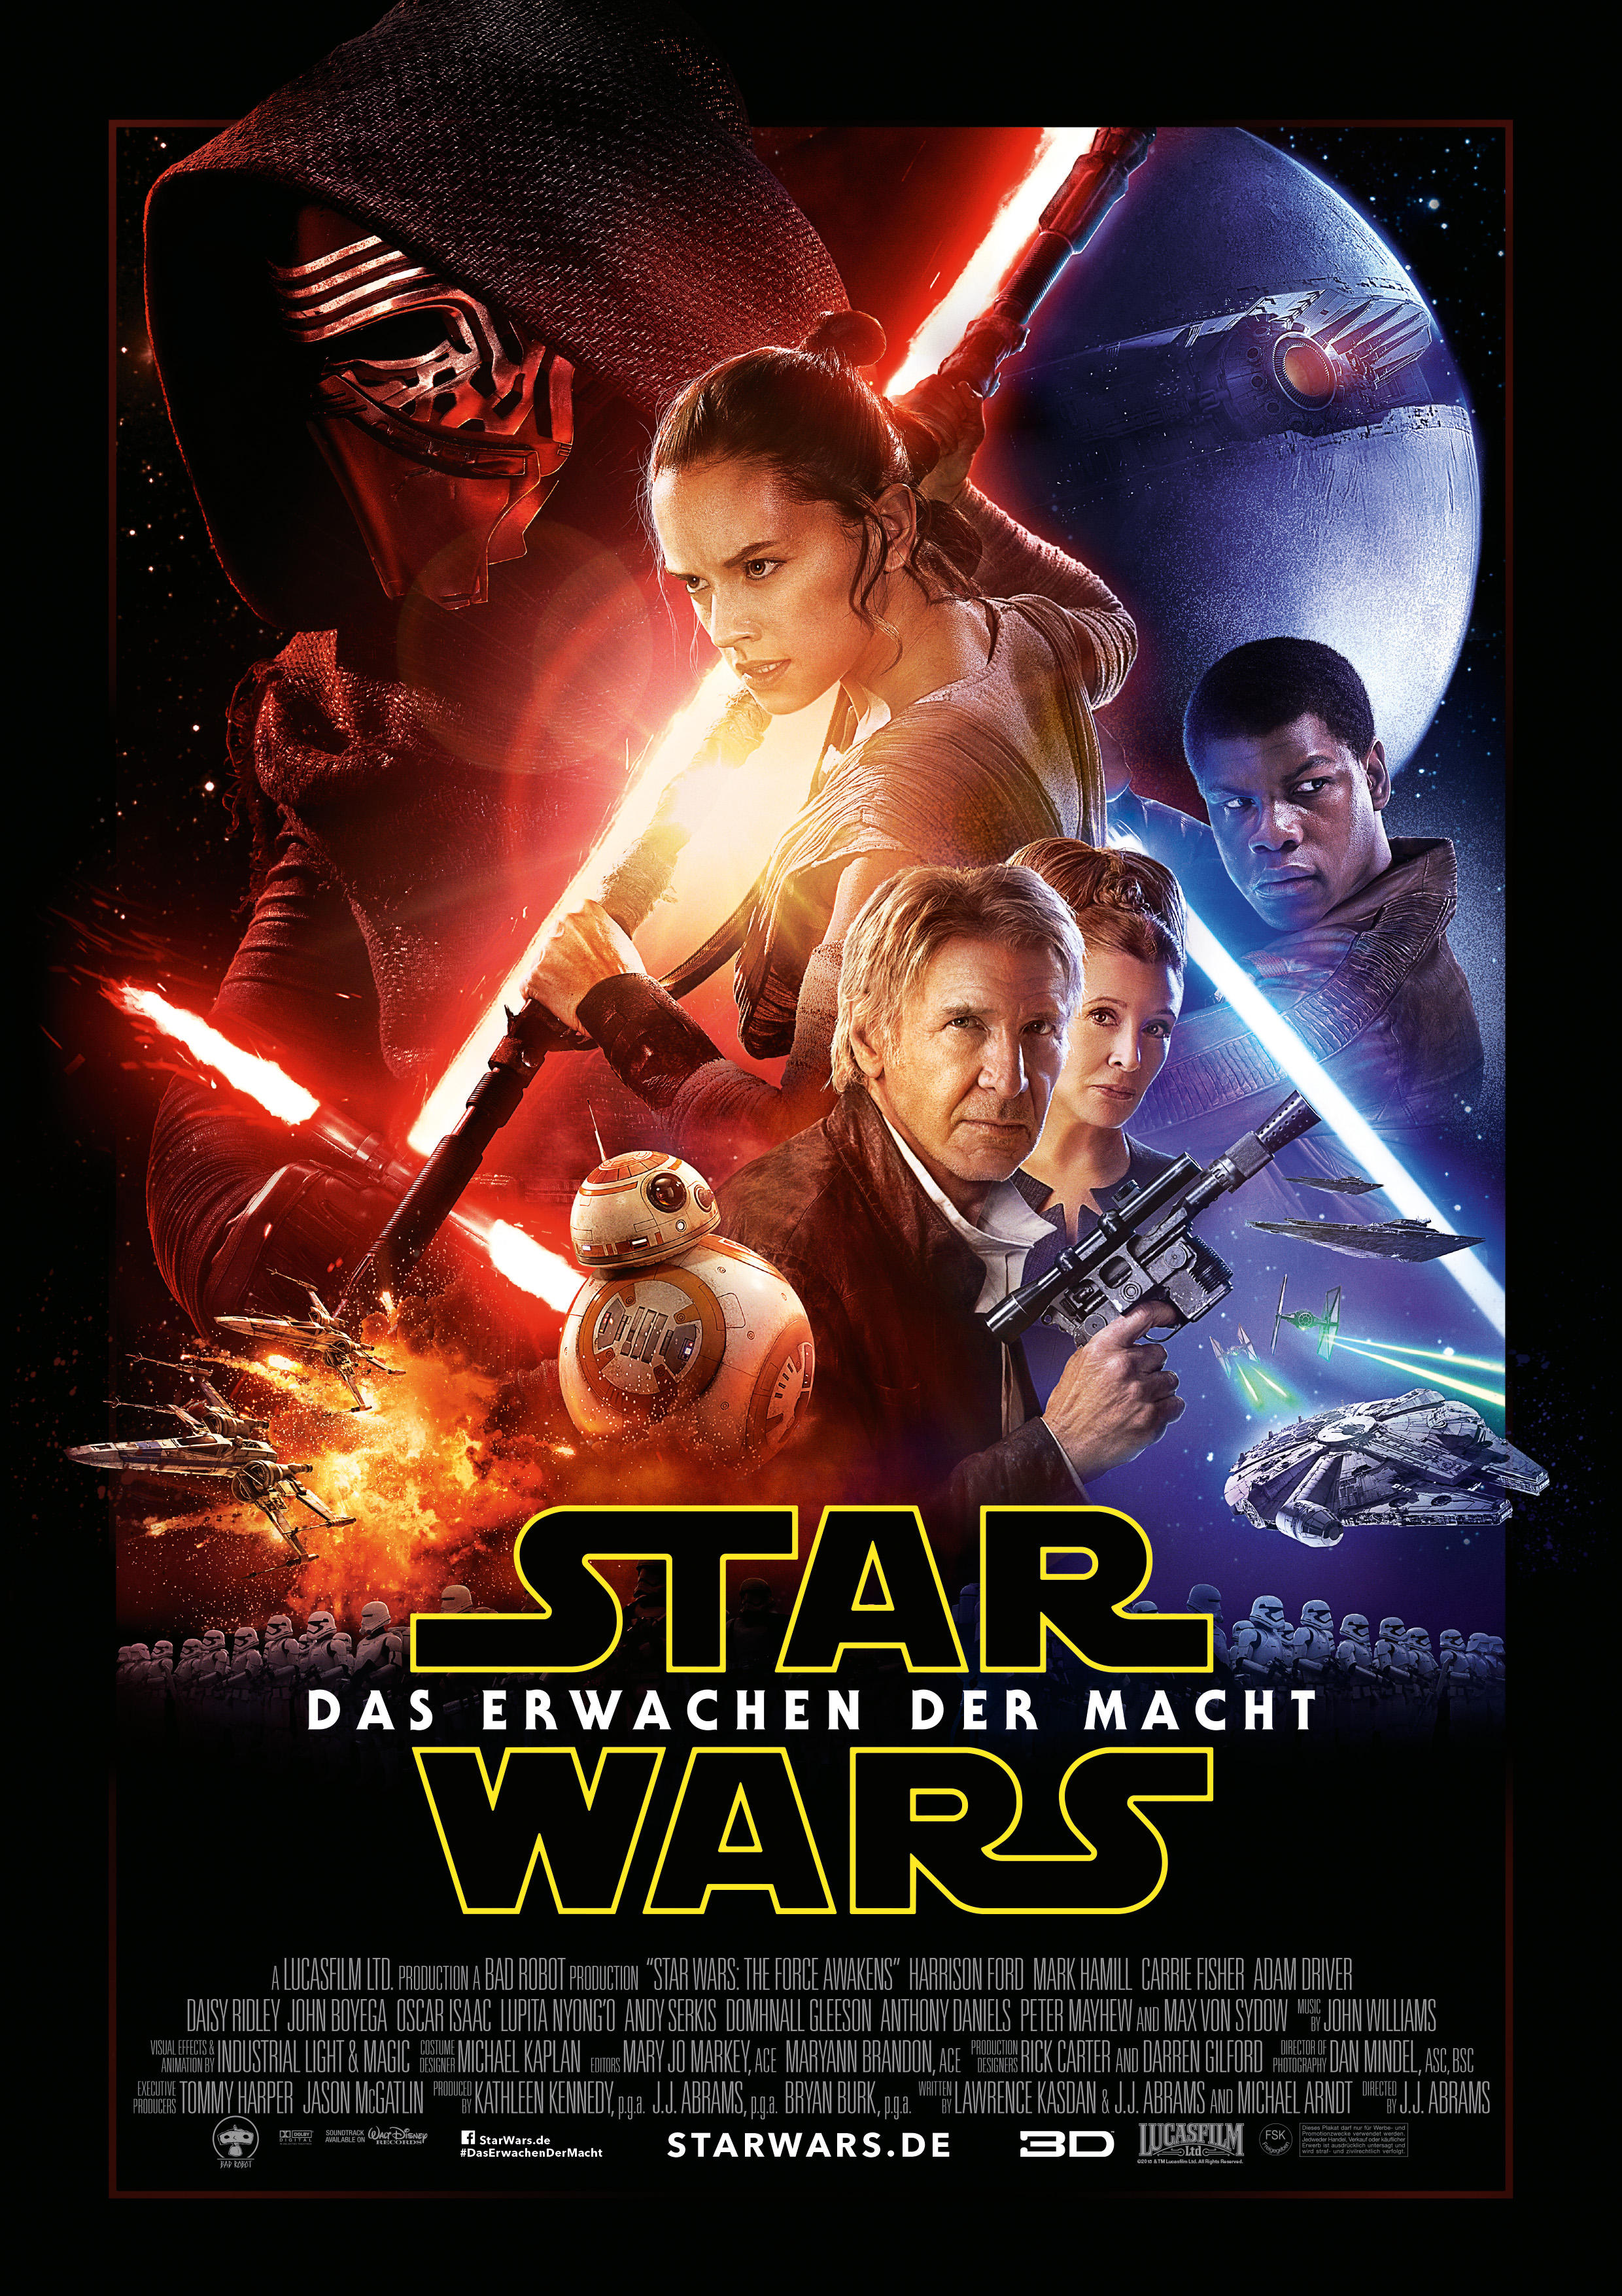 Star Wars: Das Erwache...